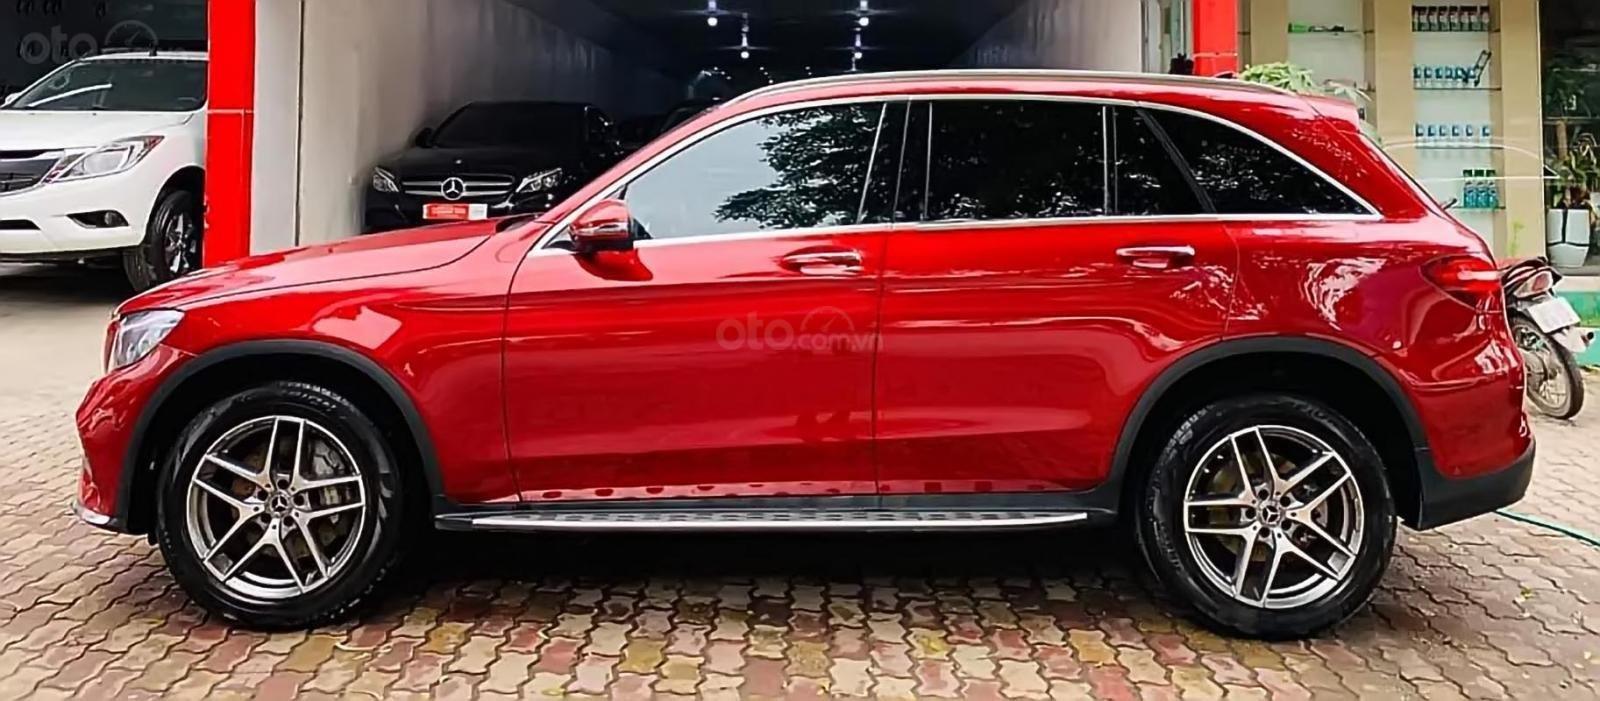 Bán Mercedes GLC 300 4Matic đời 2018, màu đỏ-1